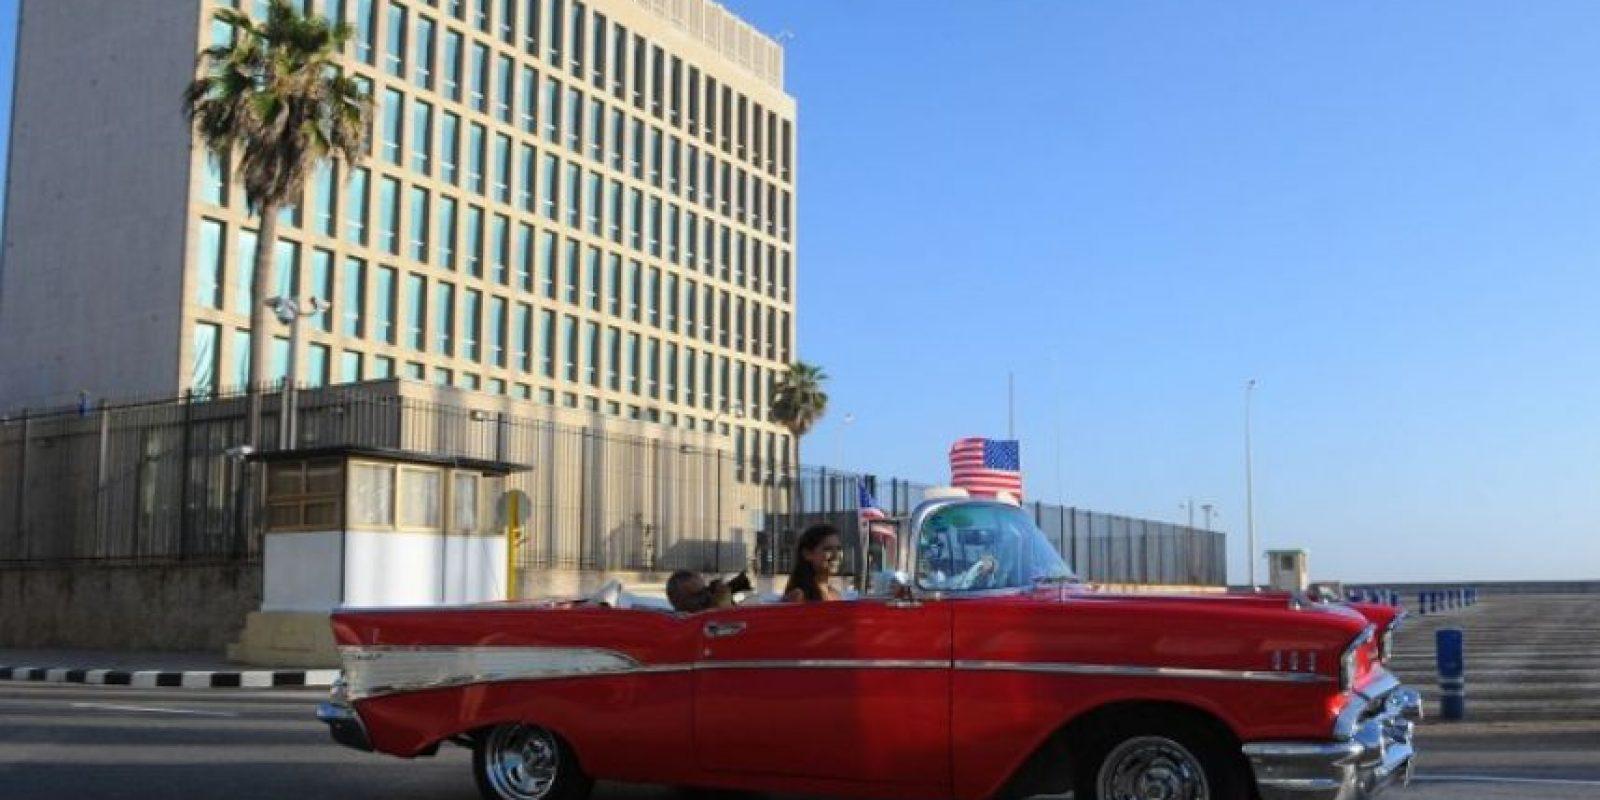 Los Estados Unidos establecieron relaciones diplomáticas con la República de Cuba en 1902, y la primera embajada abrió en 1923. Foto:AFP